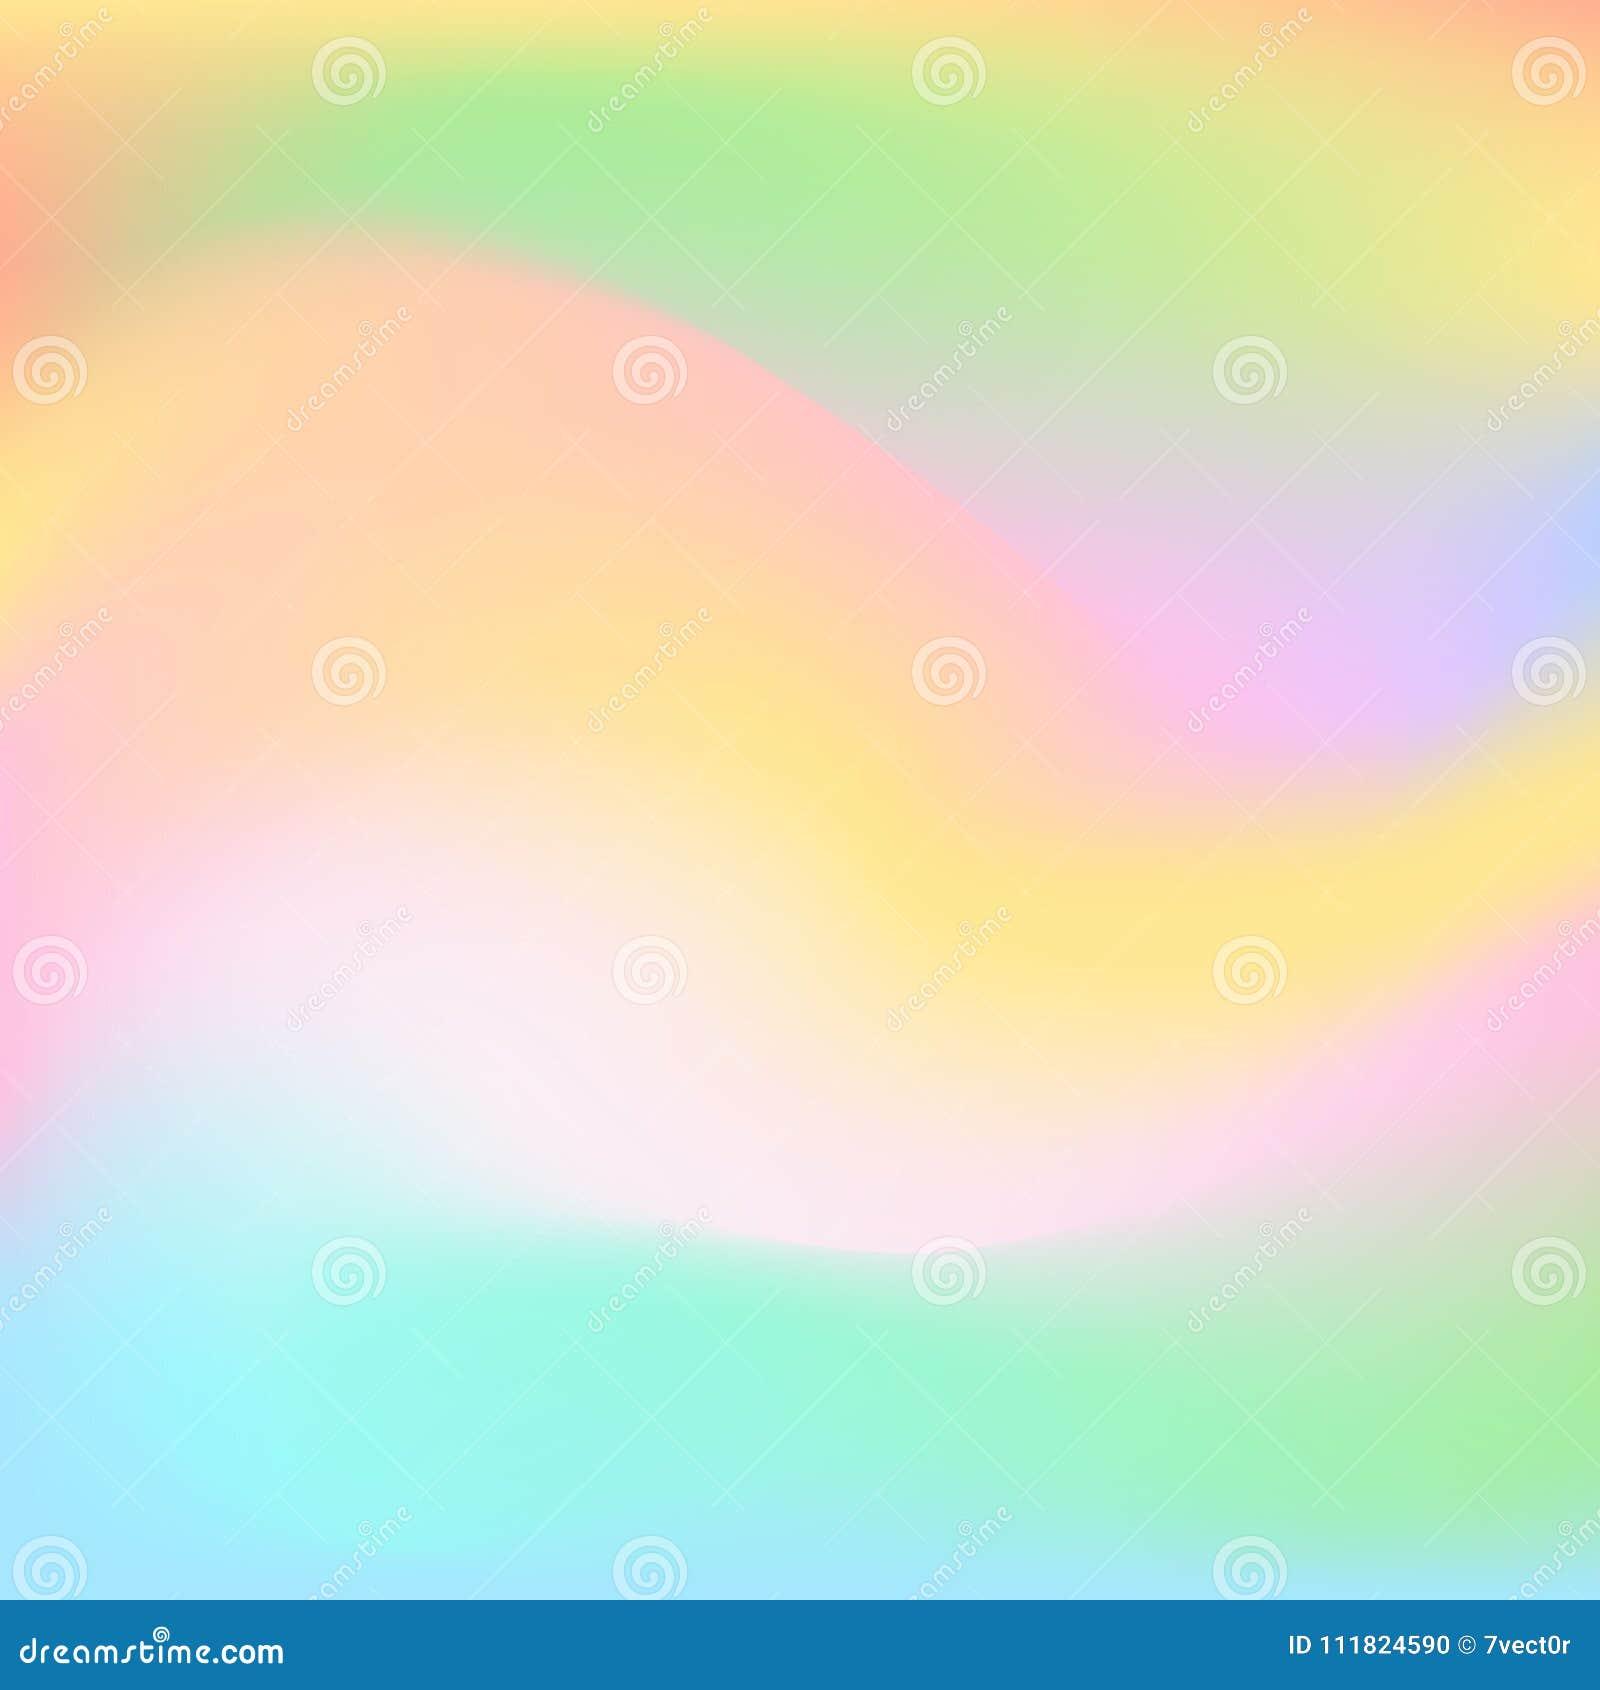 Vage zachte kleurrijke Pasen-van de de gradiëntstroom van de lente verse vlotte roze blauwgroene gele witte kleuren vlotte golven